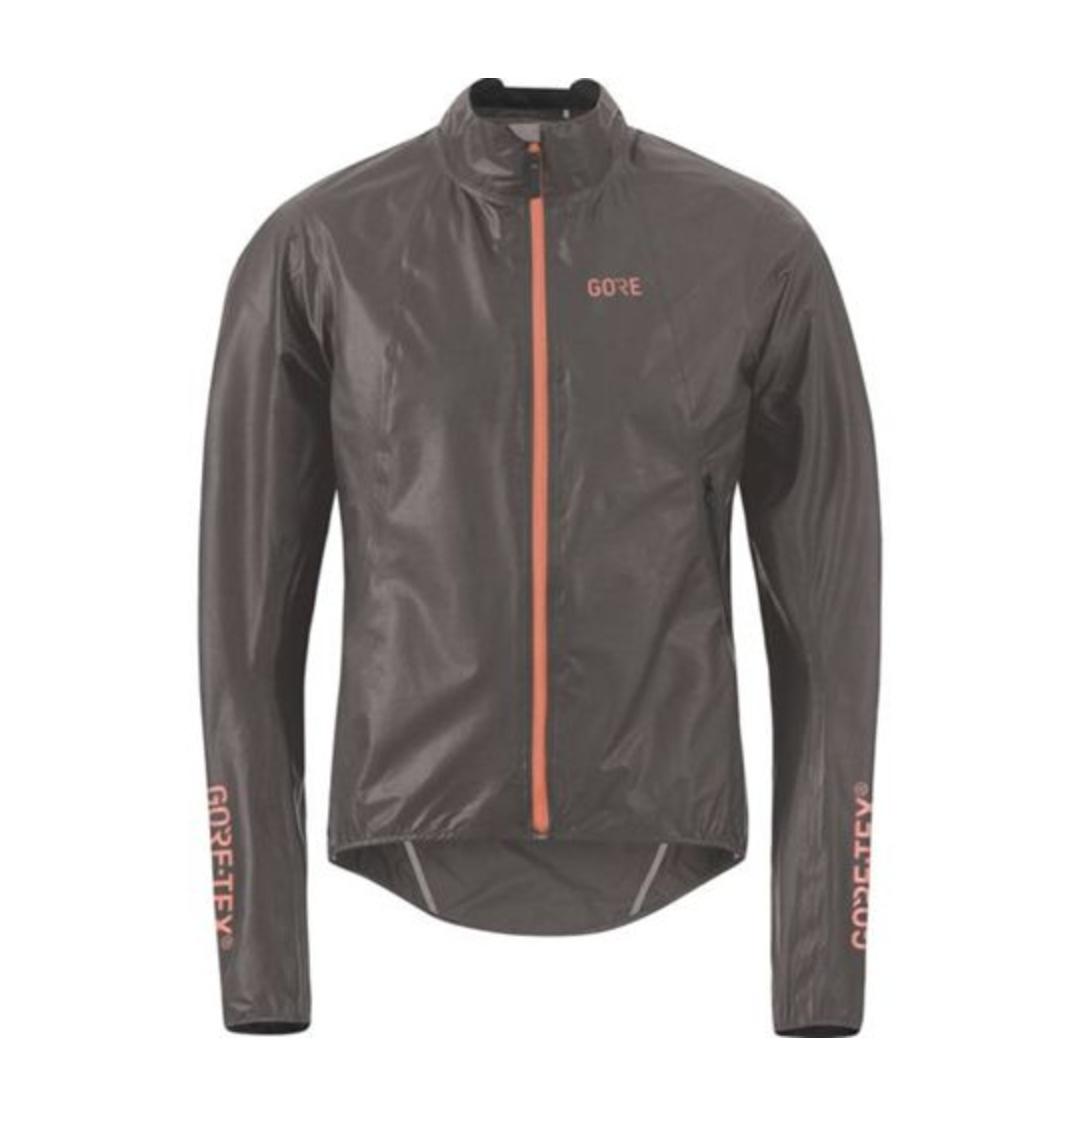 GORE Wear C7 GORE-TEX® SHAKEDRY  Fahrradjacke Regenjacke